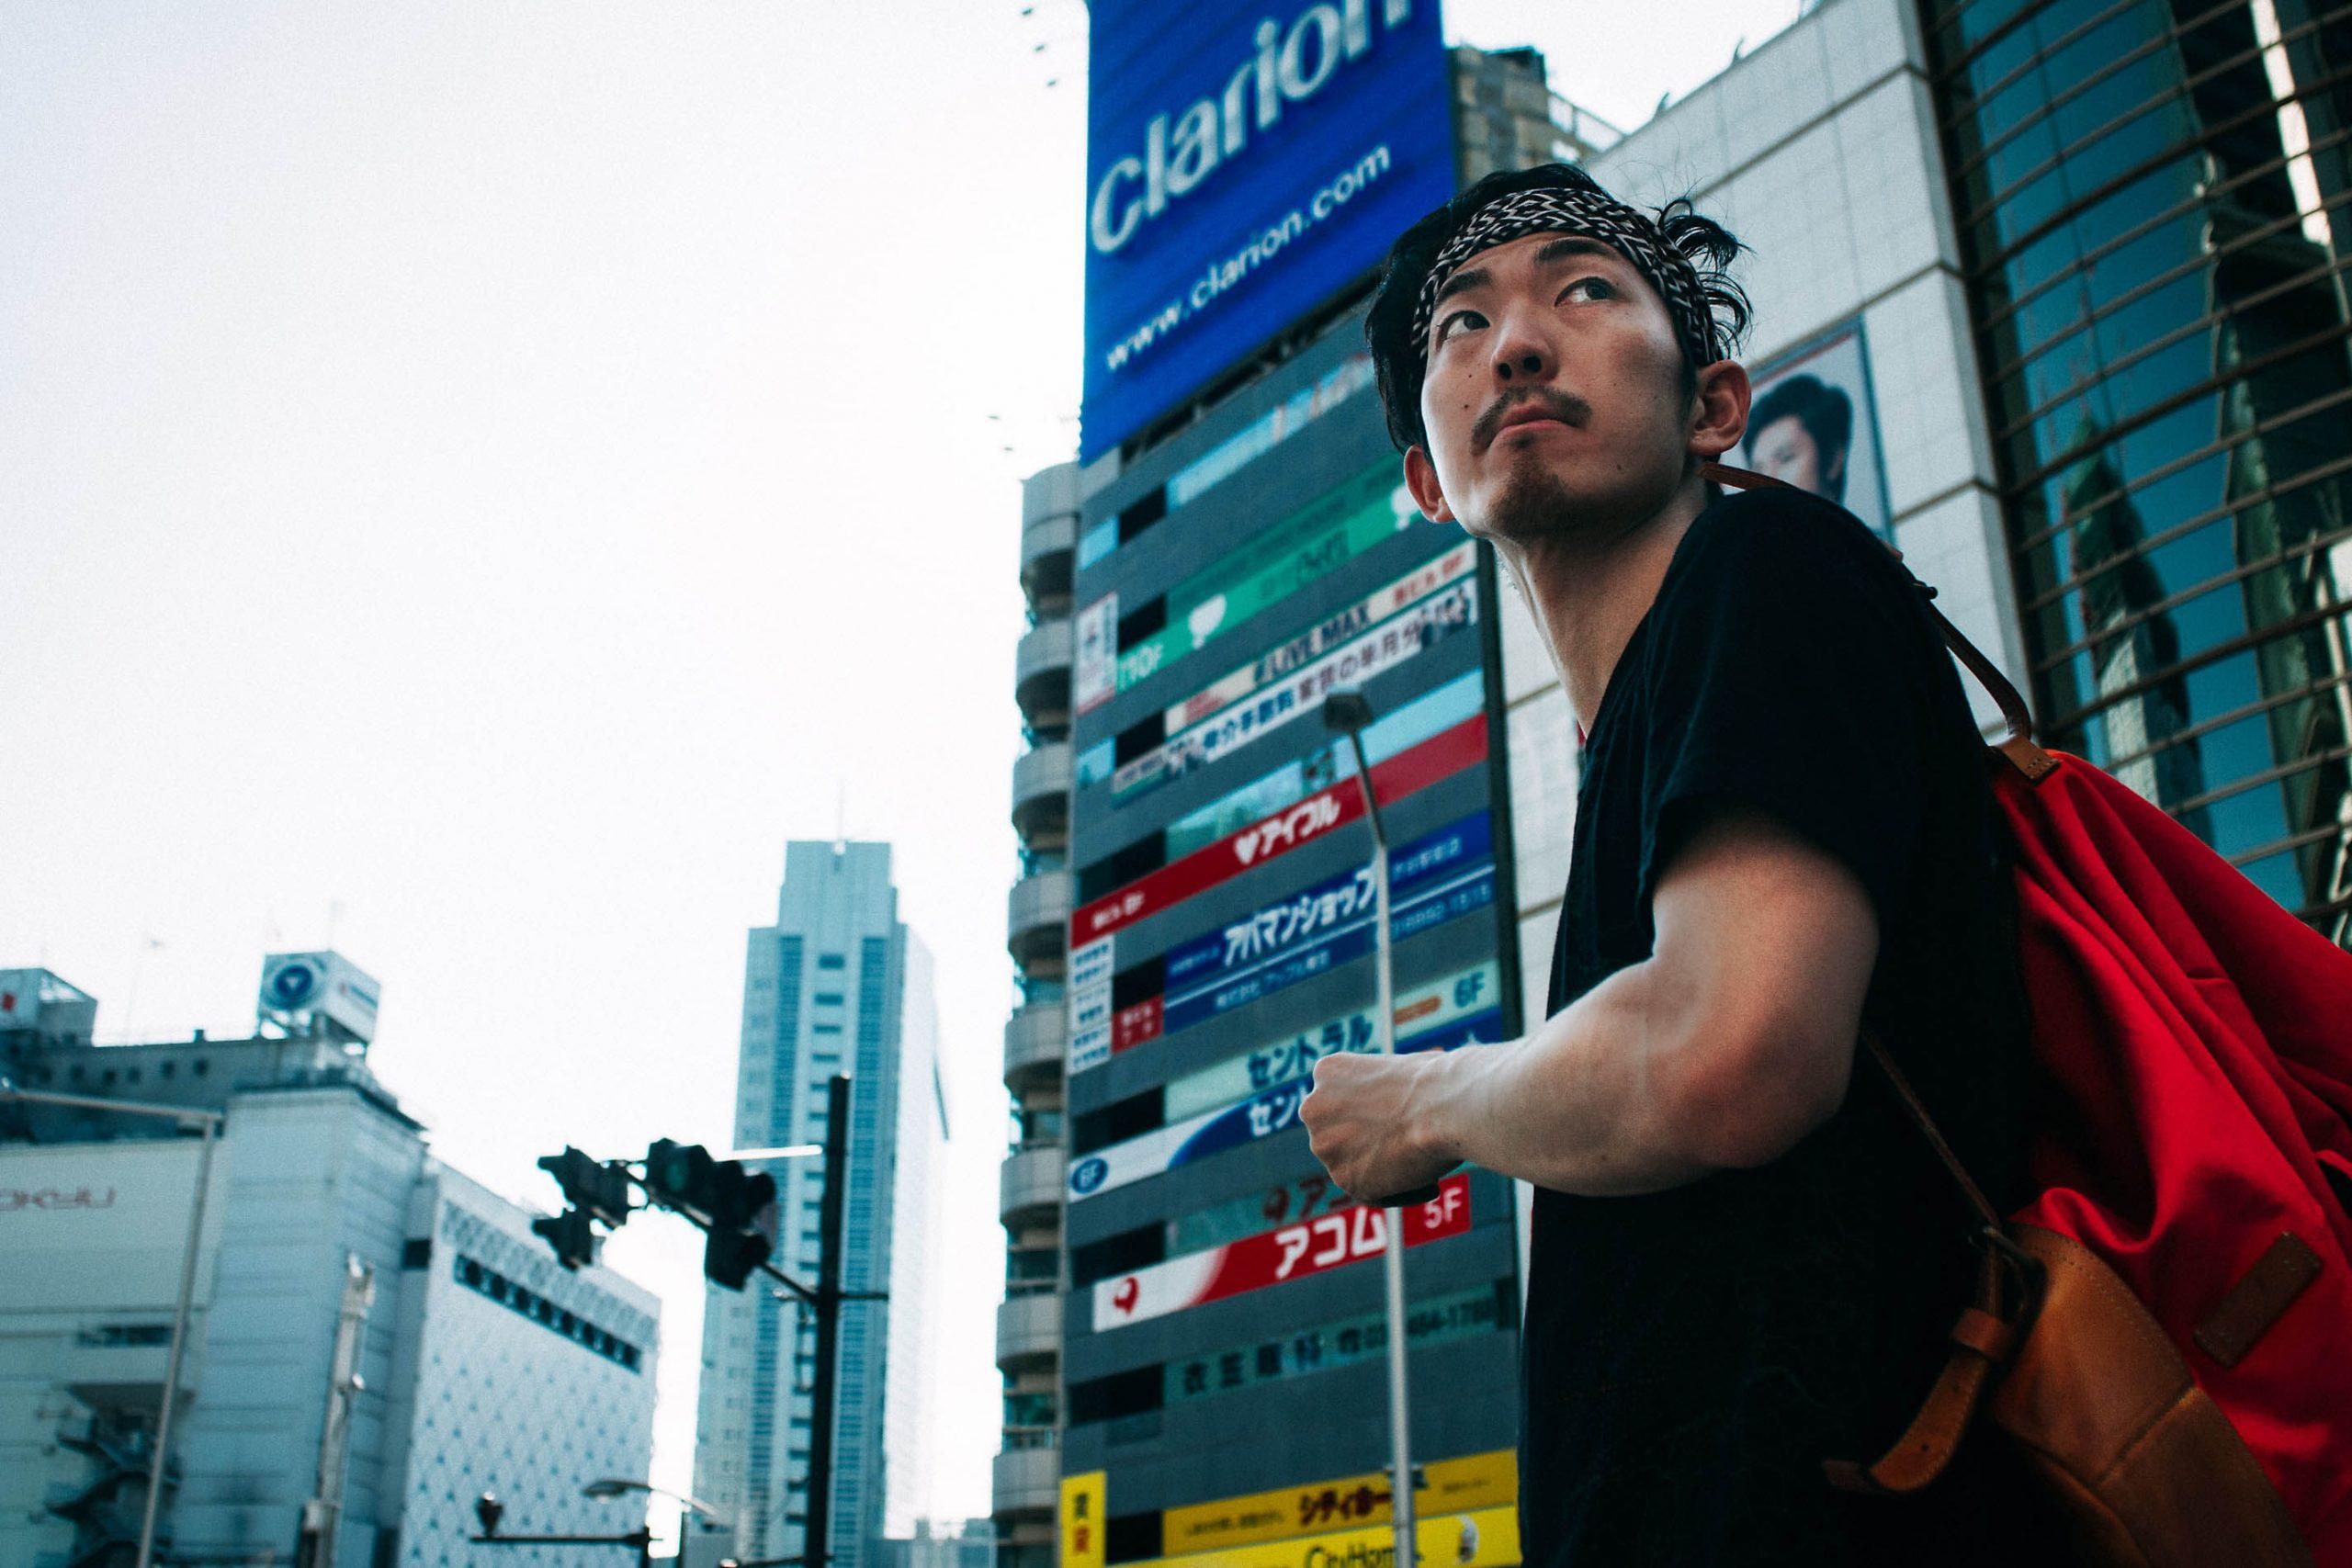 người đàn ông ở thành phố Nhật Bản.